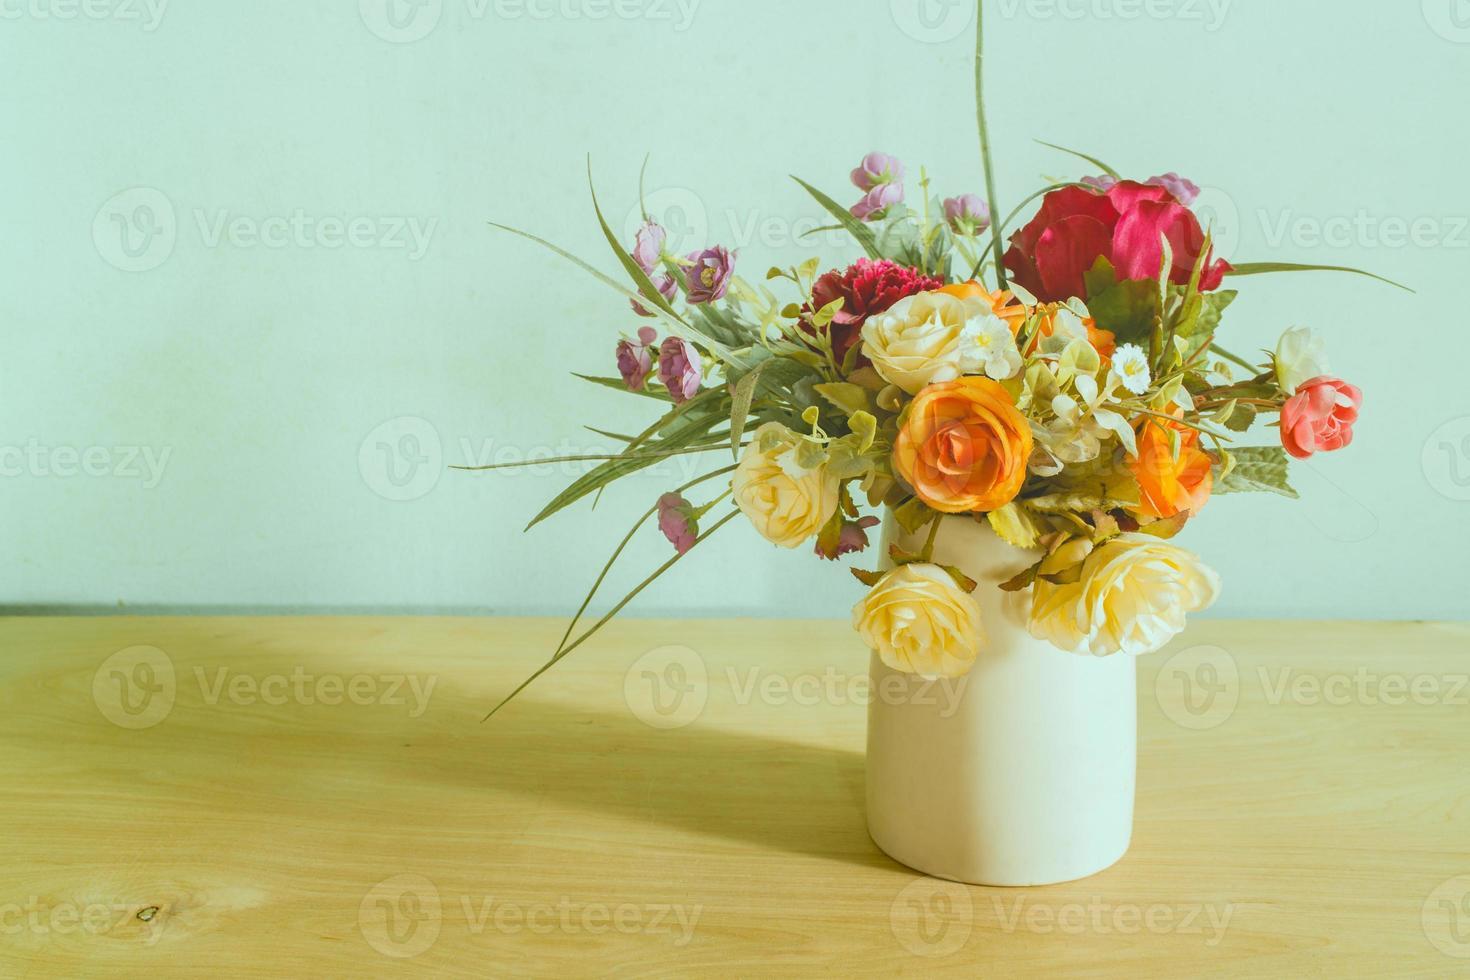 bloemen in vaas foto